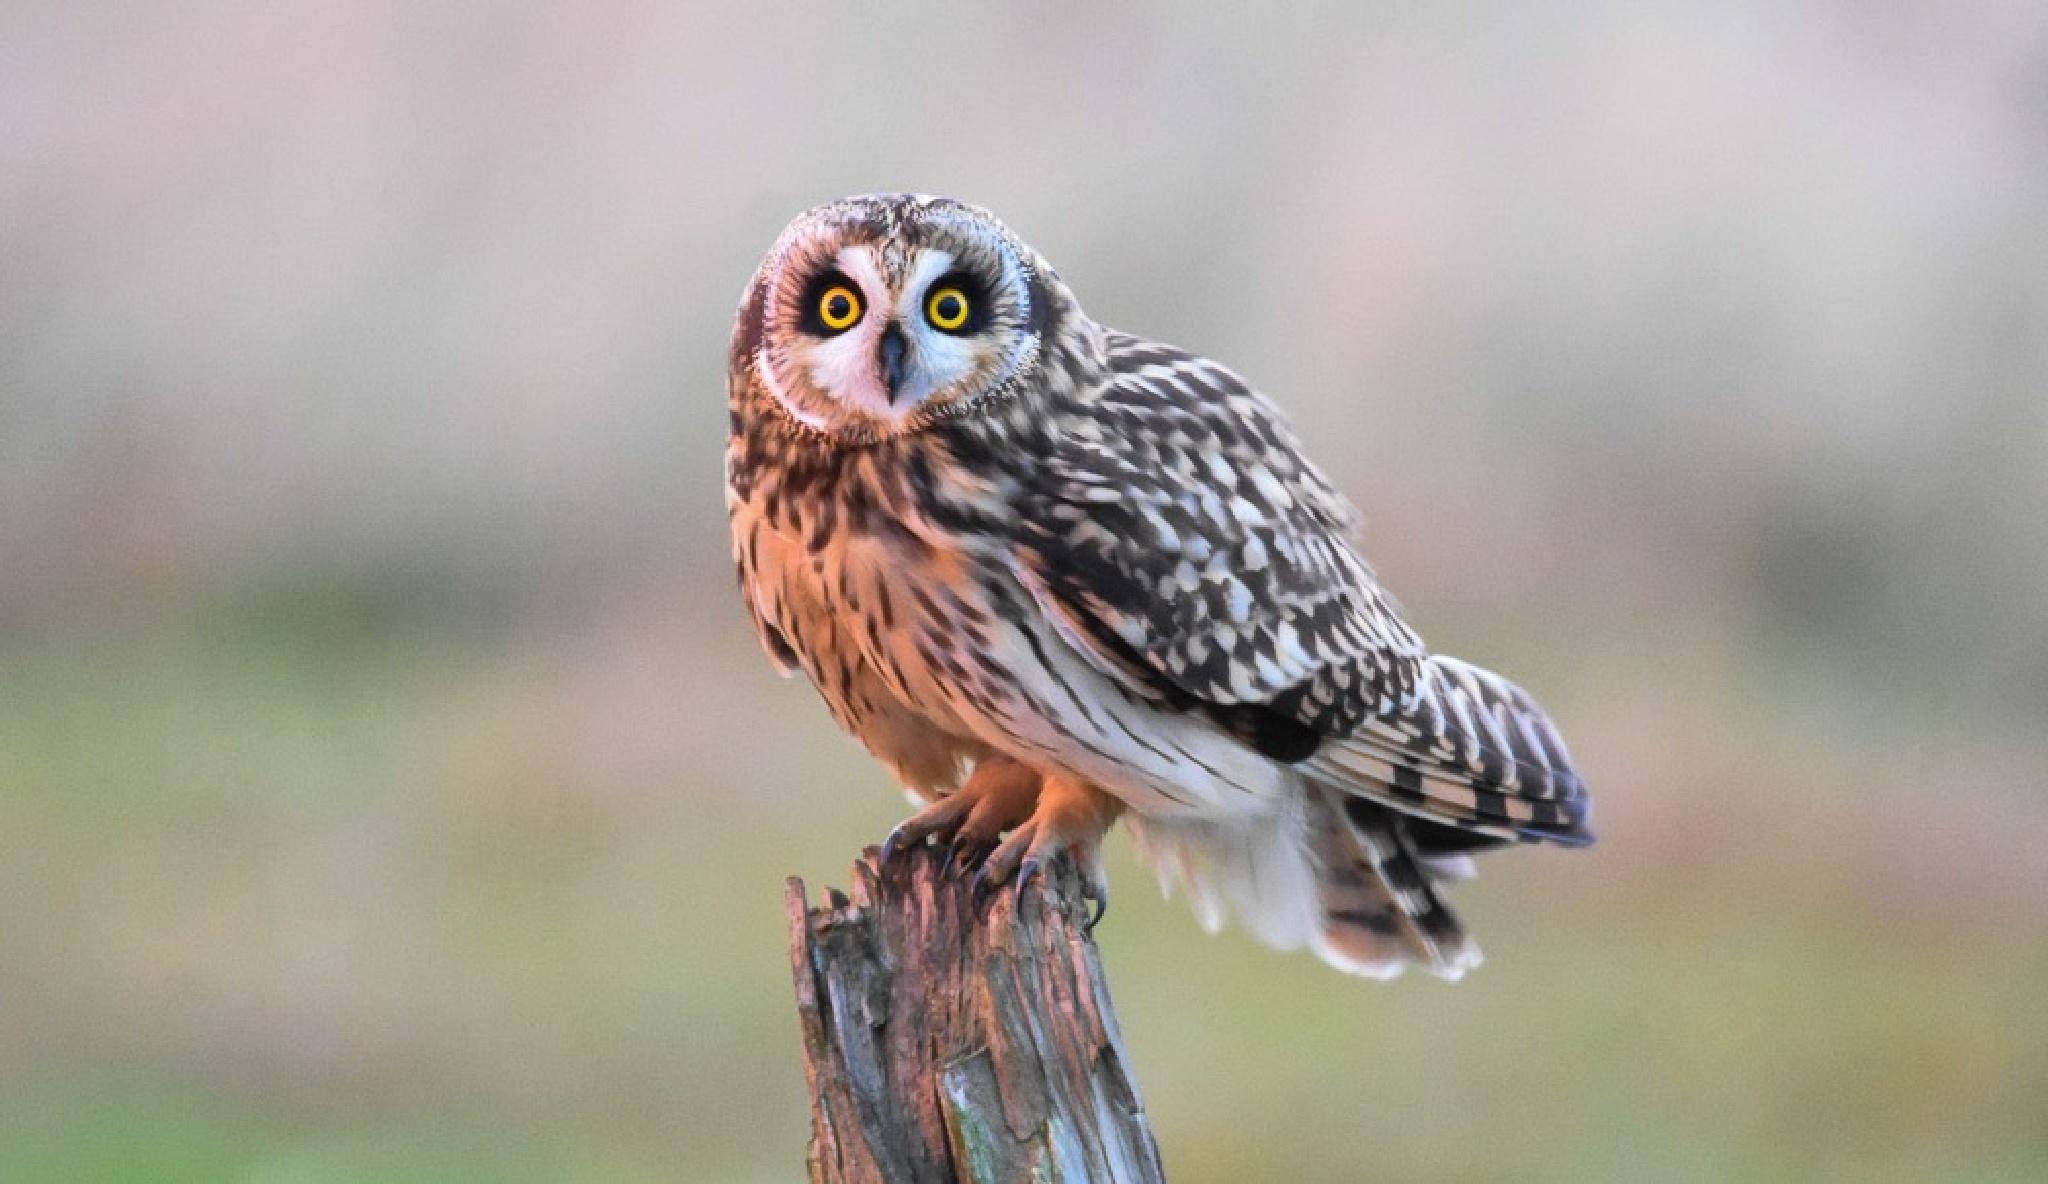 Short Eared Owl by gazclarke1974